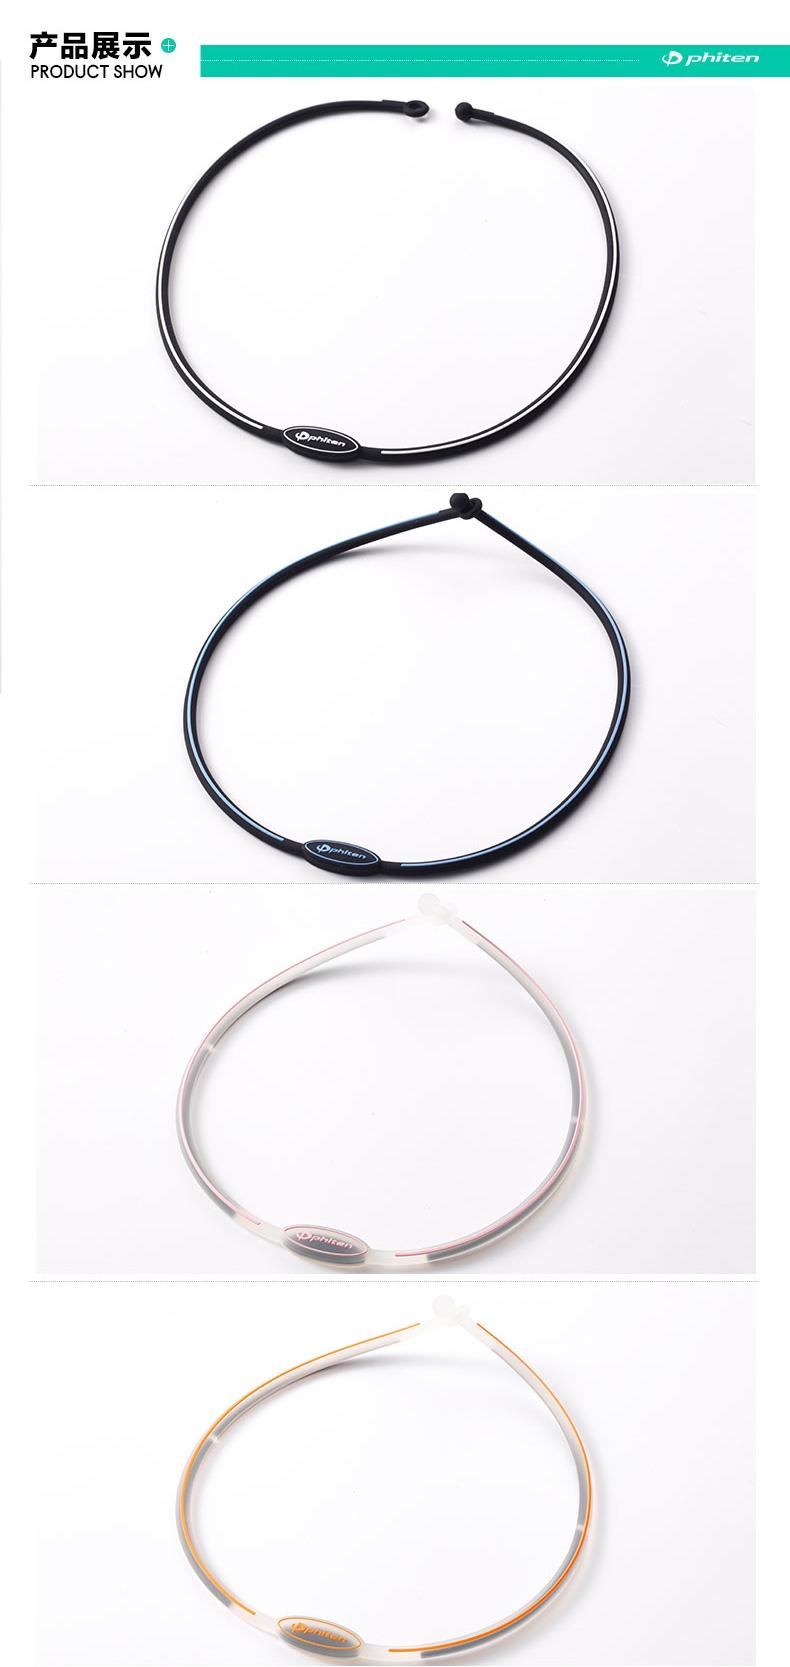 卡卡西市集法力藤運動硅膠項環 時尚項圈頸椎寶日本進口法藤多色可選TB86012